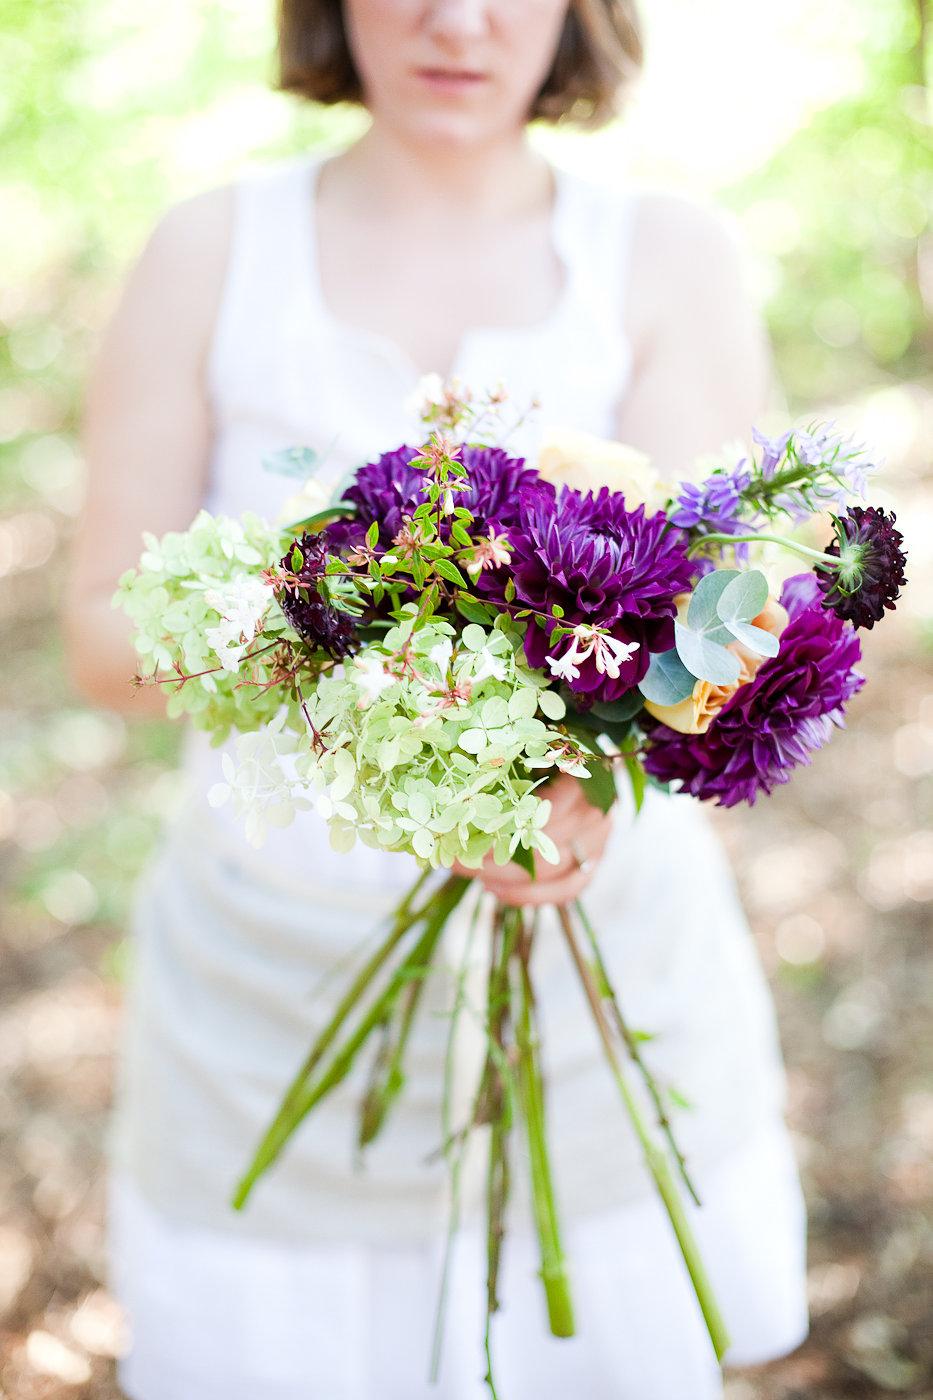 The Making of a Bridal Bouquet - Winnipeg Wedding Florist